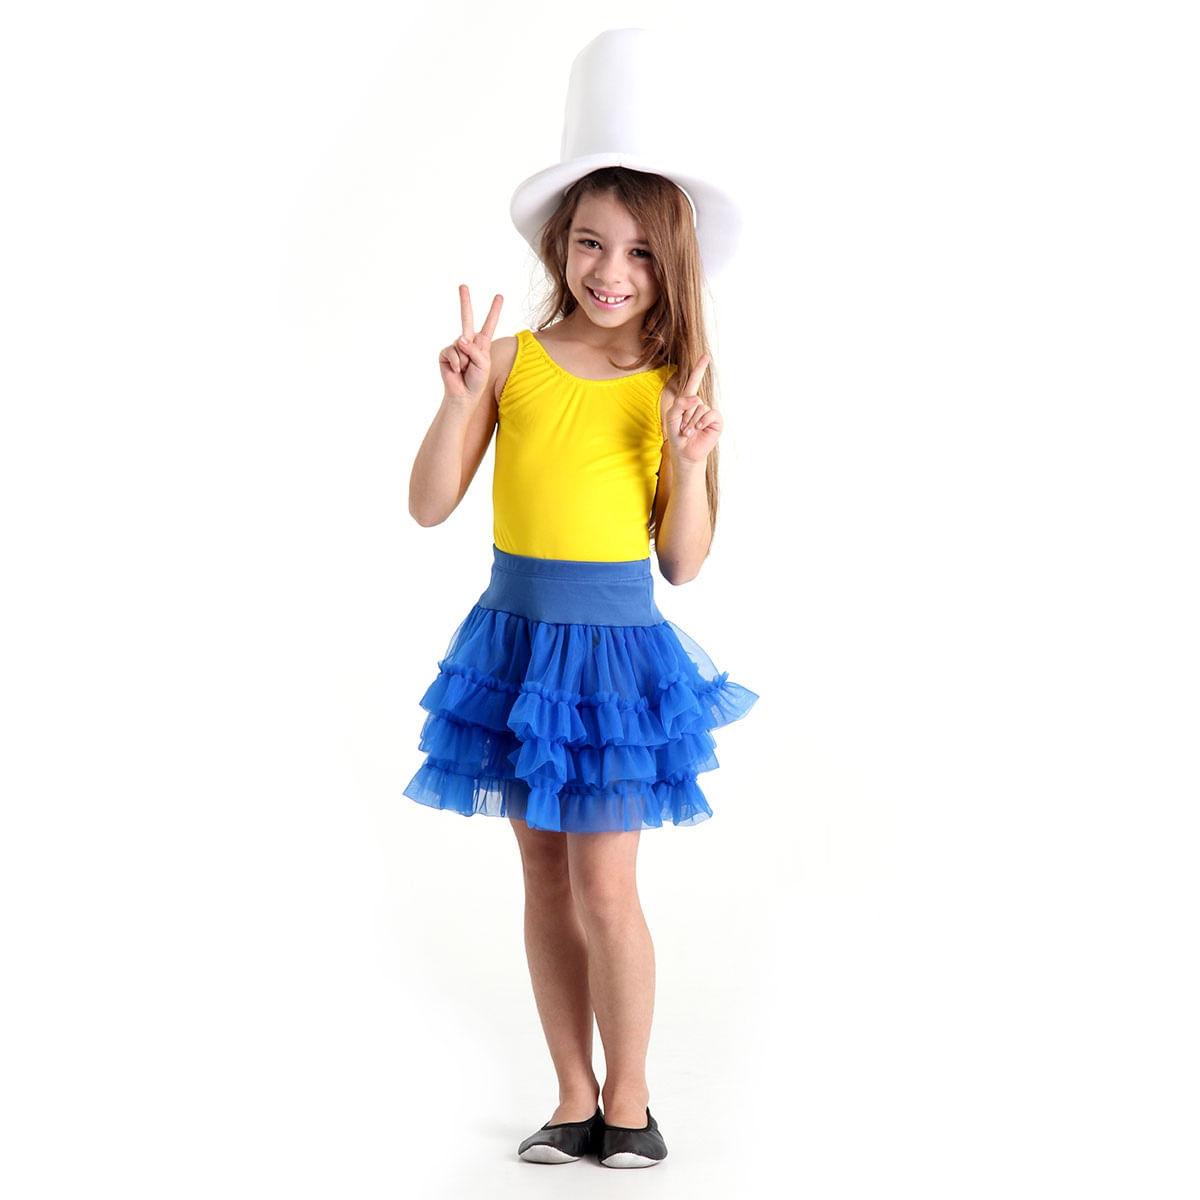 Fantasia Make Your Own - Saia Tutu Azul Infantil G